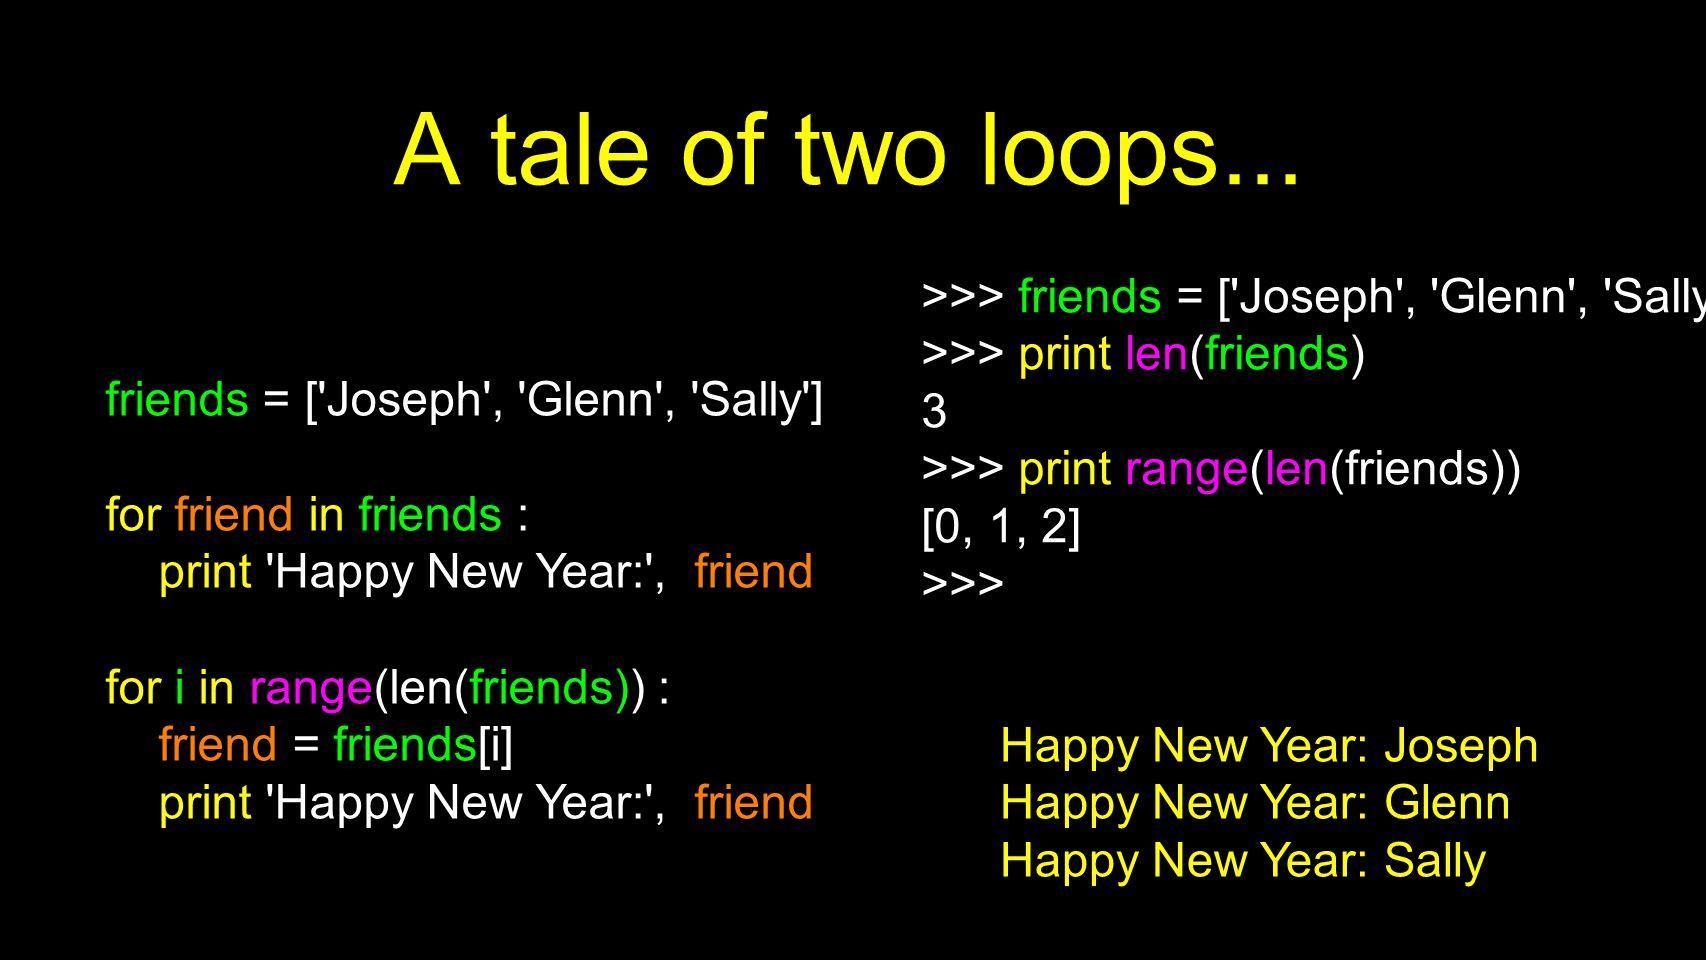 A tale of two loops... friends = ['Joseph', 'Glenn', 'Sally'] for friend in friends : print 'Happy New Year:', friend for i in range(len(friends)) : f